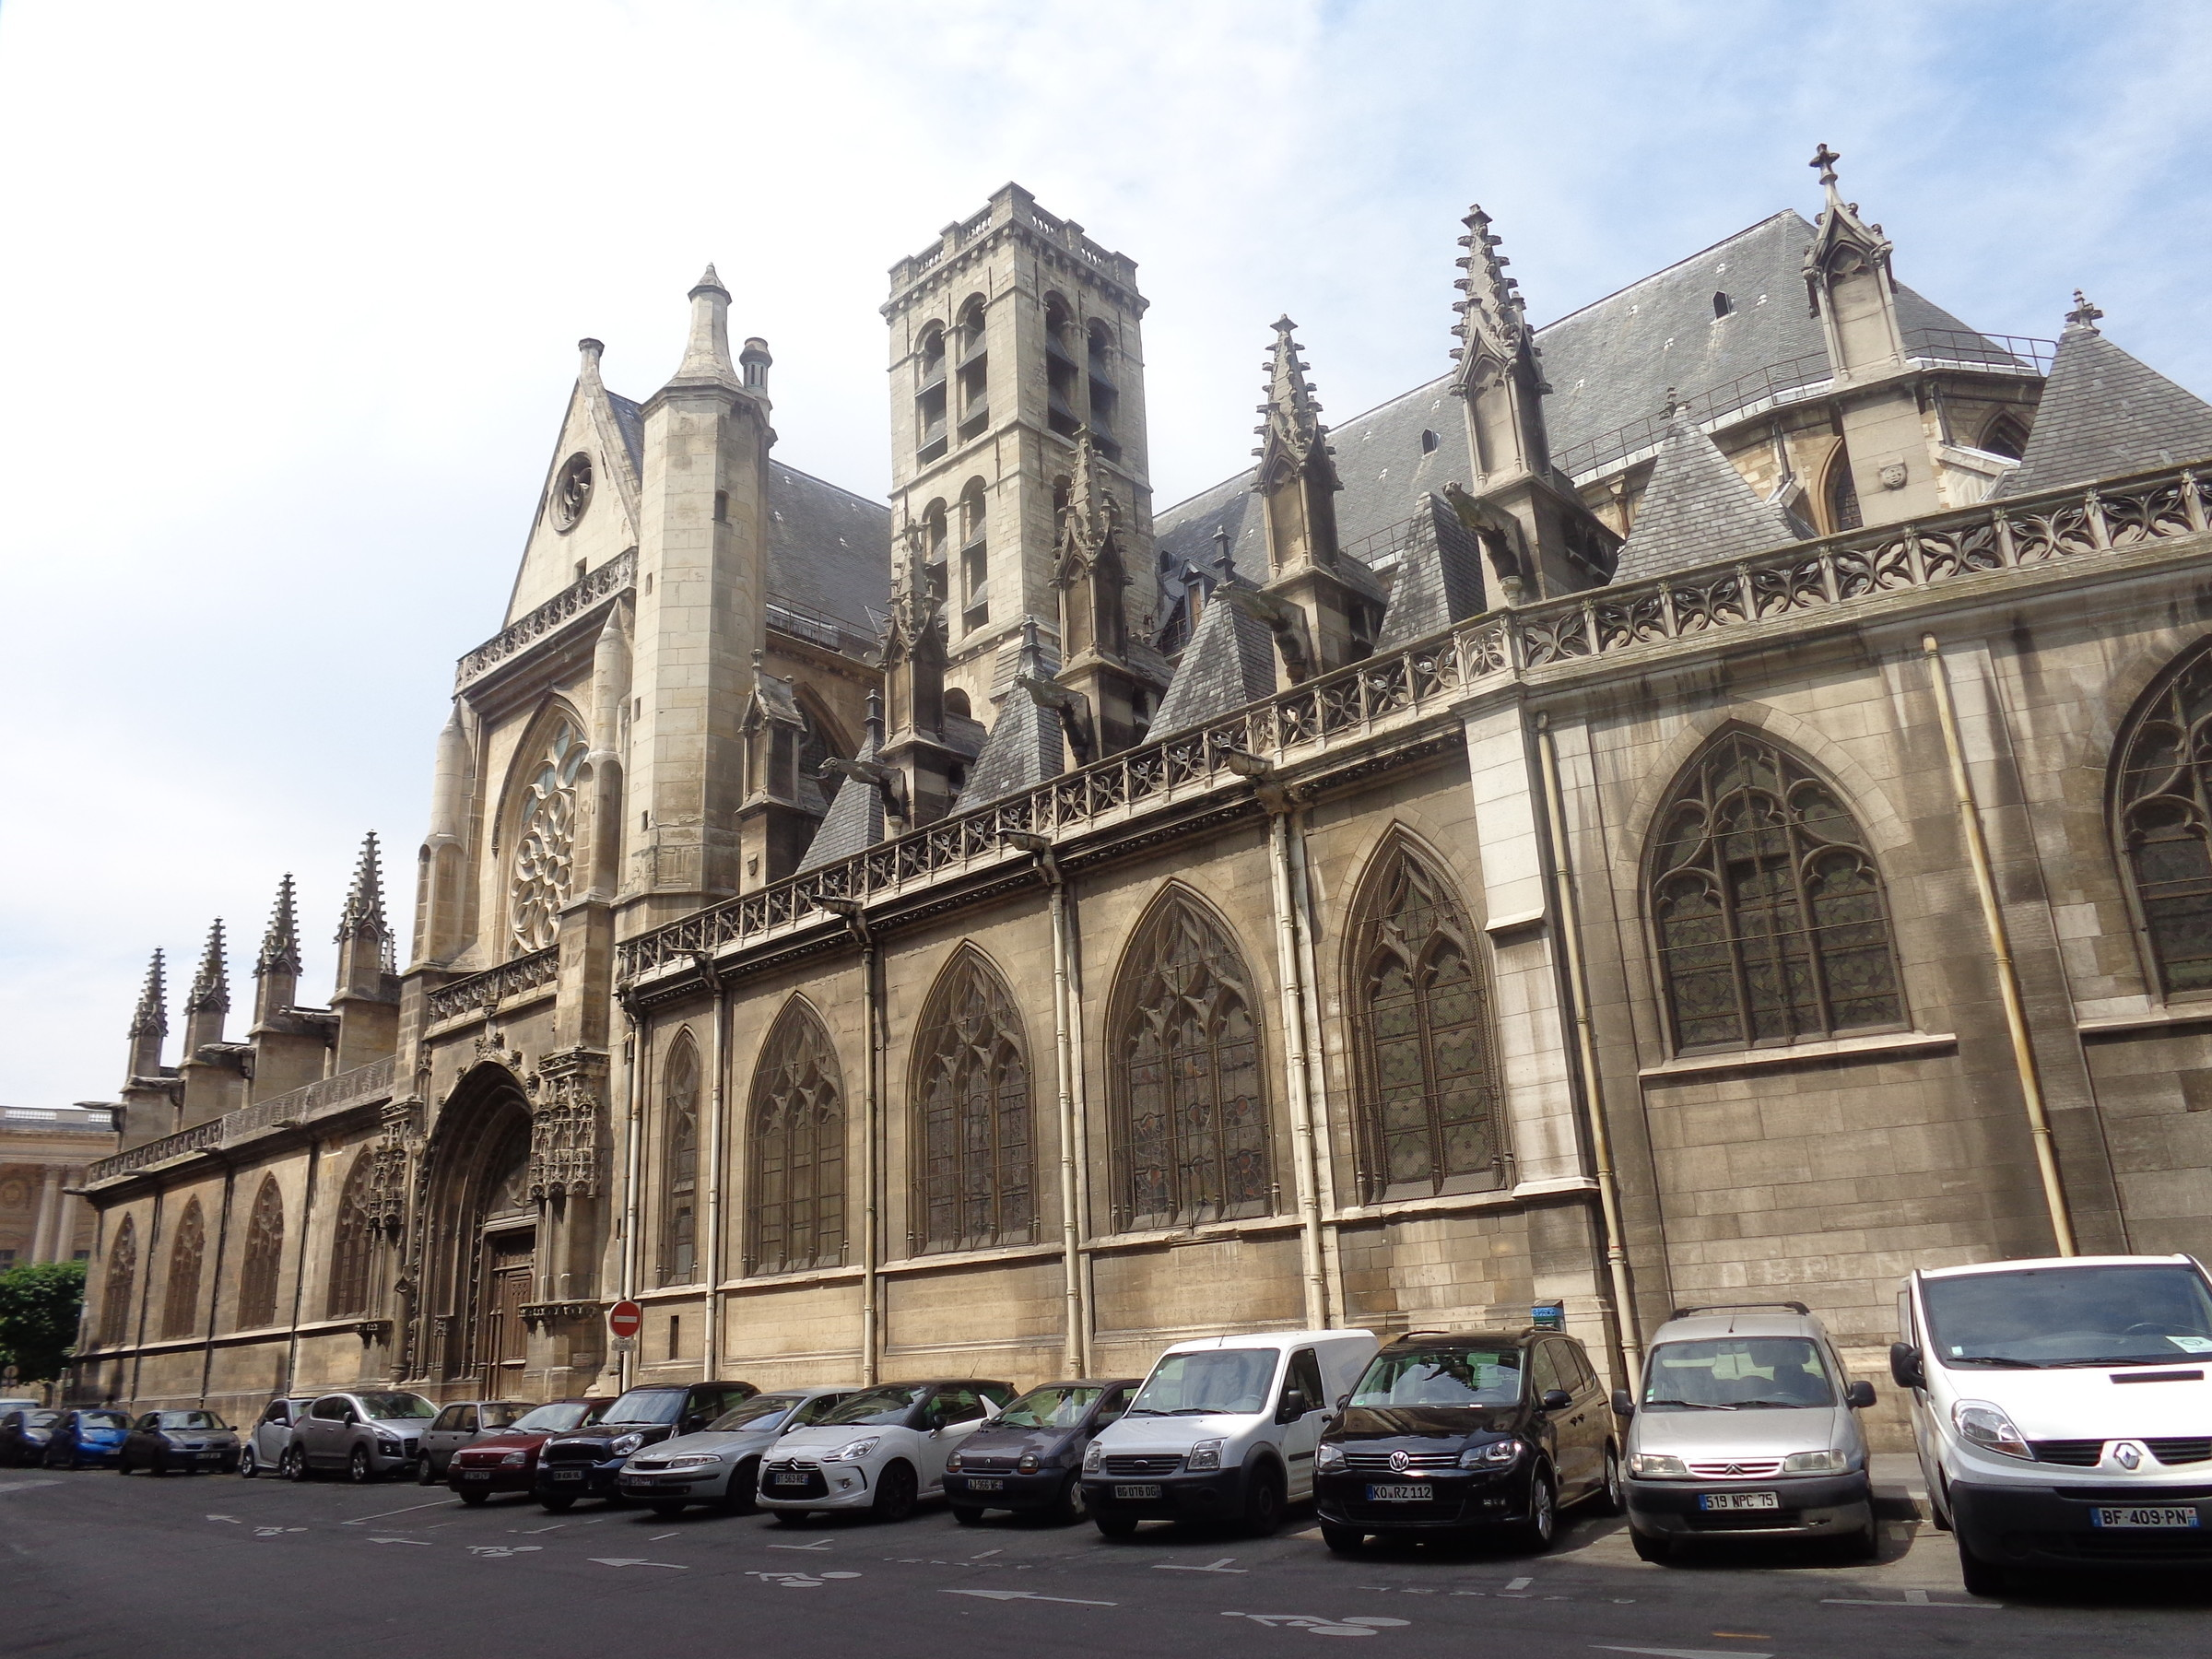 Сен-Жермен-Л Оксерруа или Большая церковь. Строительство велось с 12 по 16 век., Париж